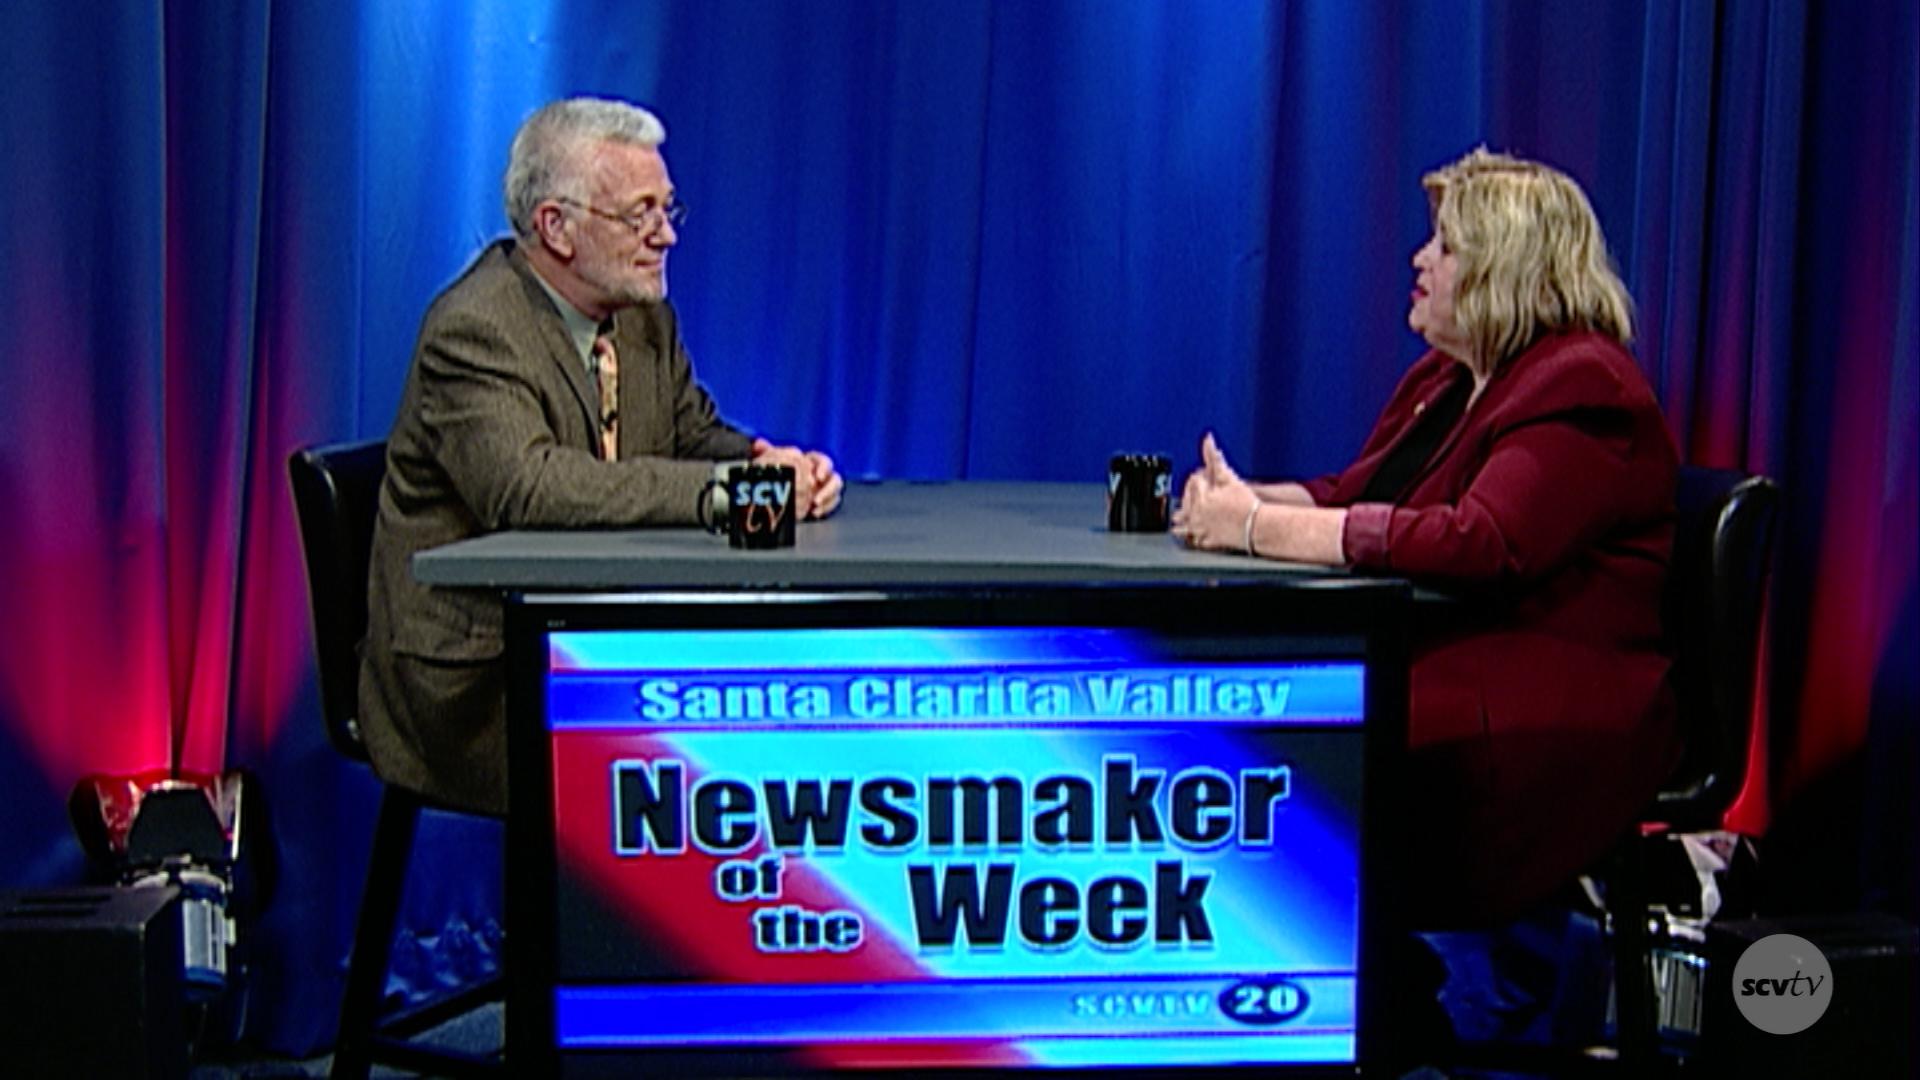 scvtv com newsmaker of the week donna deutchman ceo of habitat